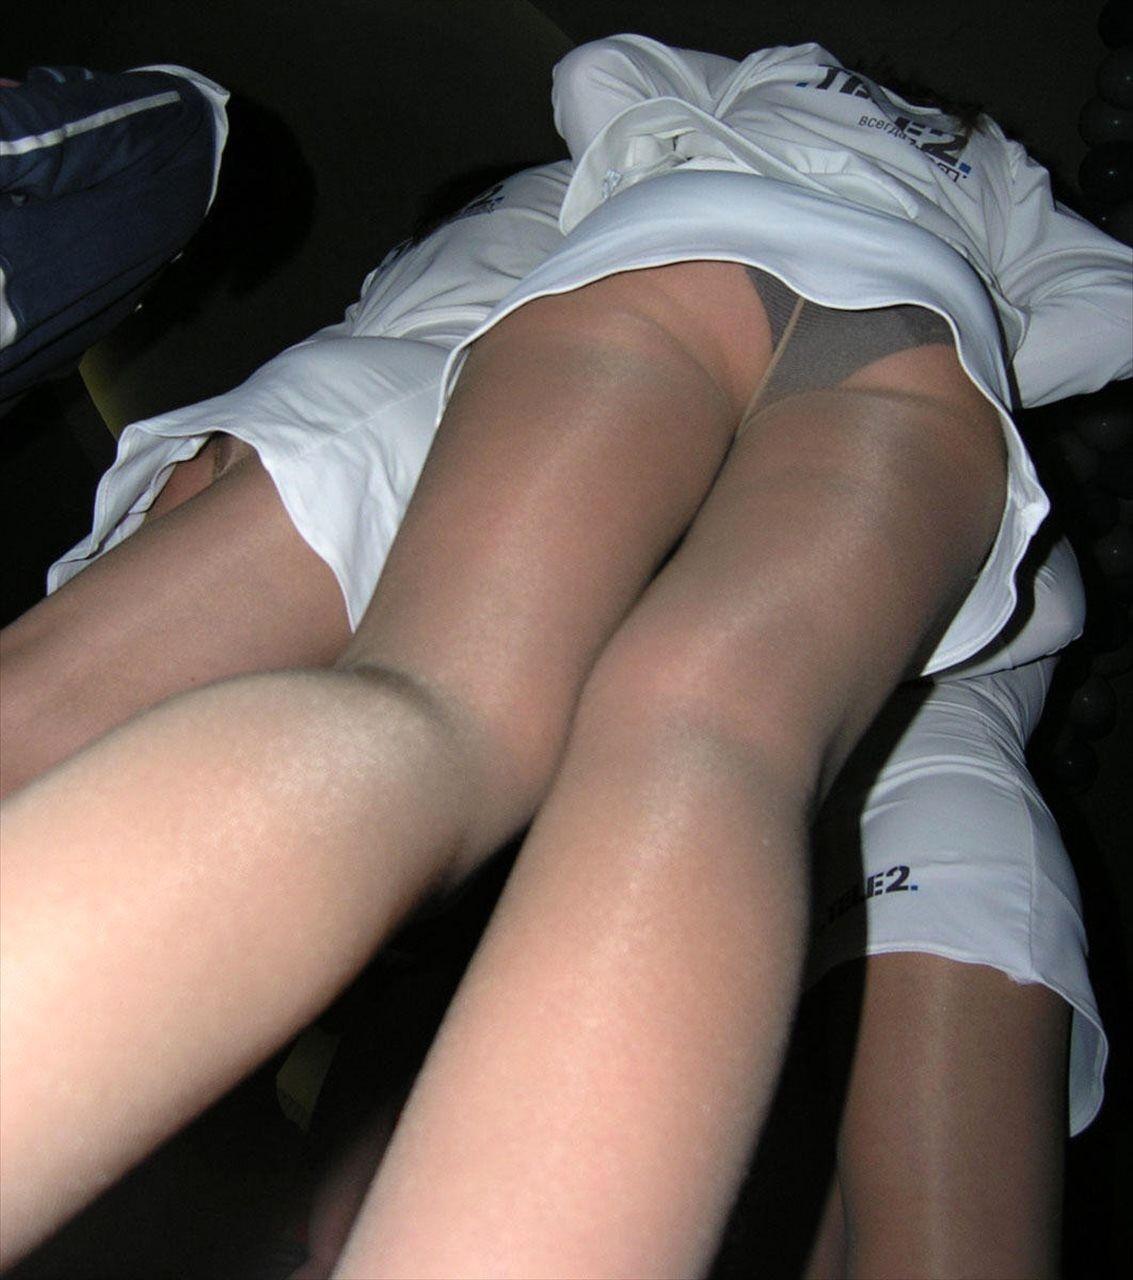 【パンチラ画像】下着じゃないから恥ずかしくない的ノリな美人コンパニオン達www 17